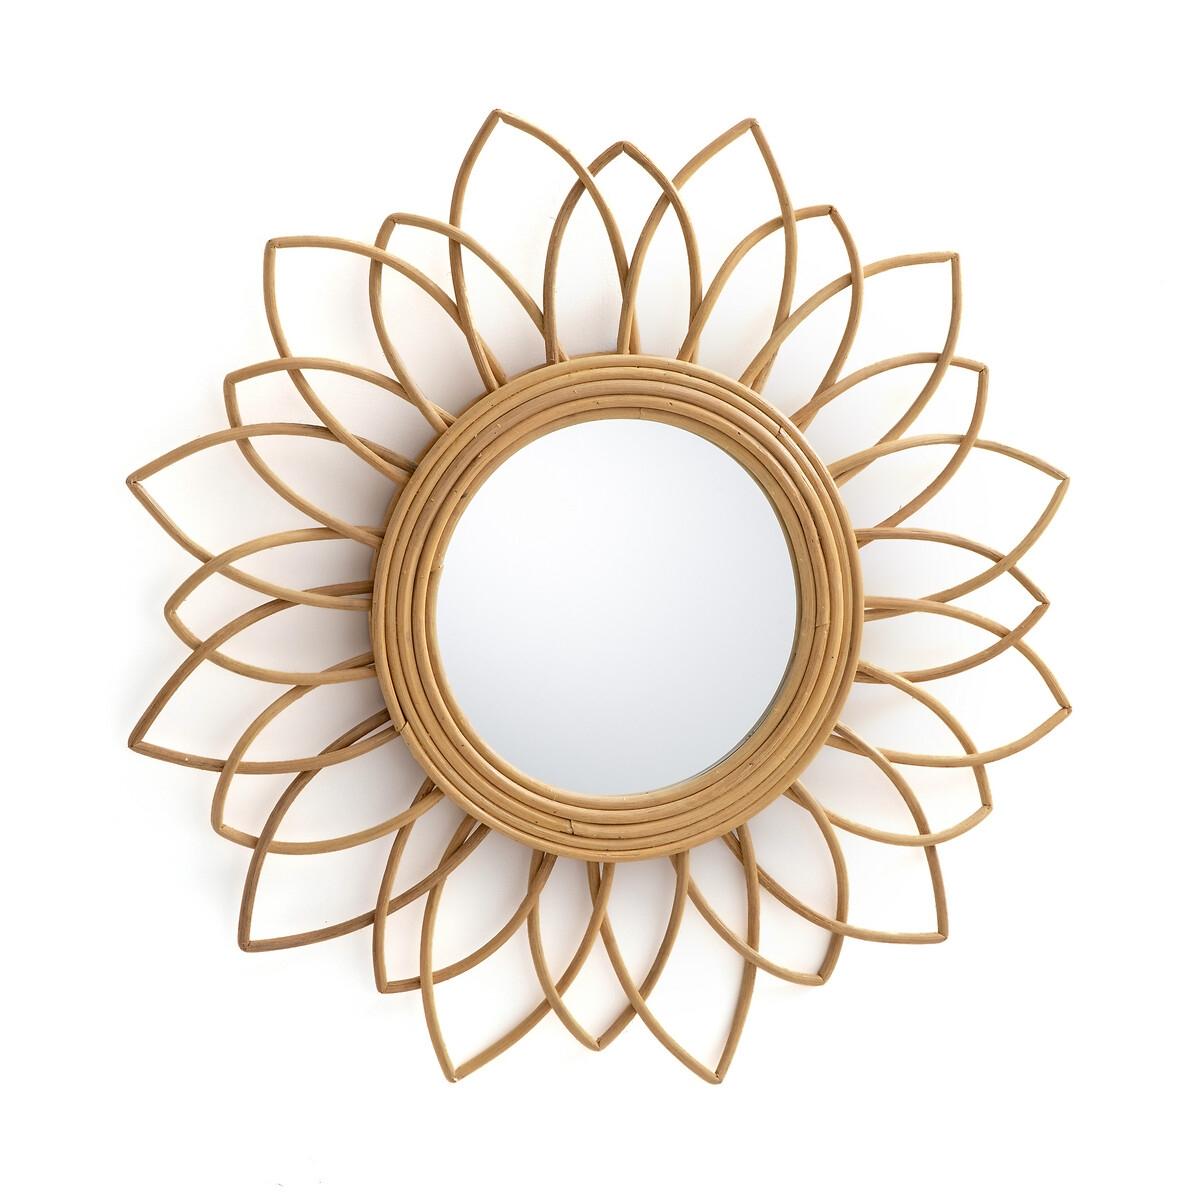 Miroir rotin forme fleur Ø65 cm Nogu